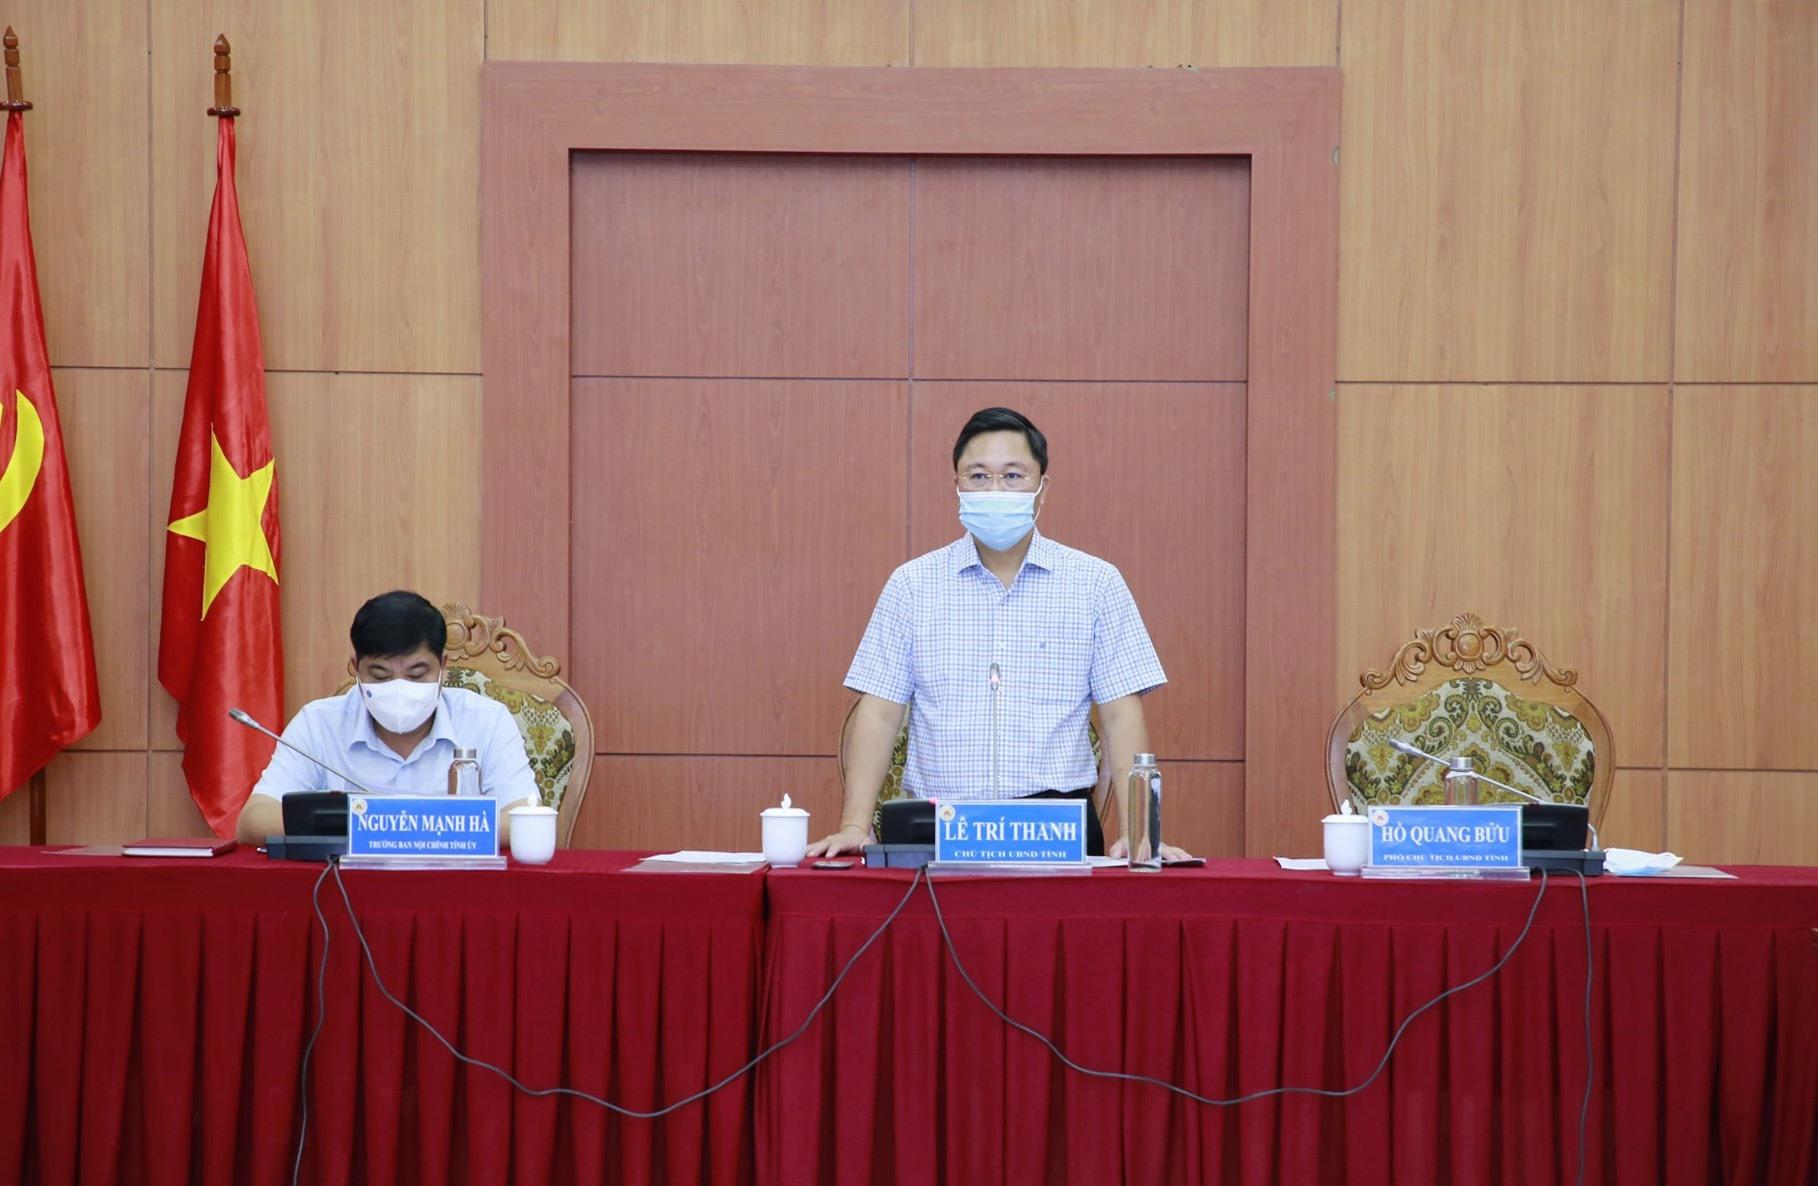 Chủ tịch UBND tỉnh Lê Trí Thanh đề nghị Phước Sơn cần nắm bắt cơ hội bứt phá trong nhiệm kỳ này. Ảnh: T.C